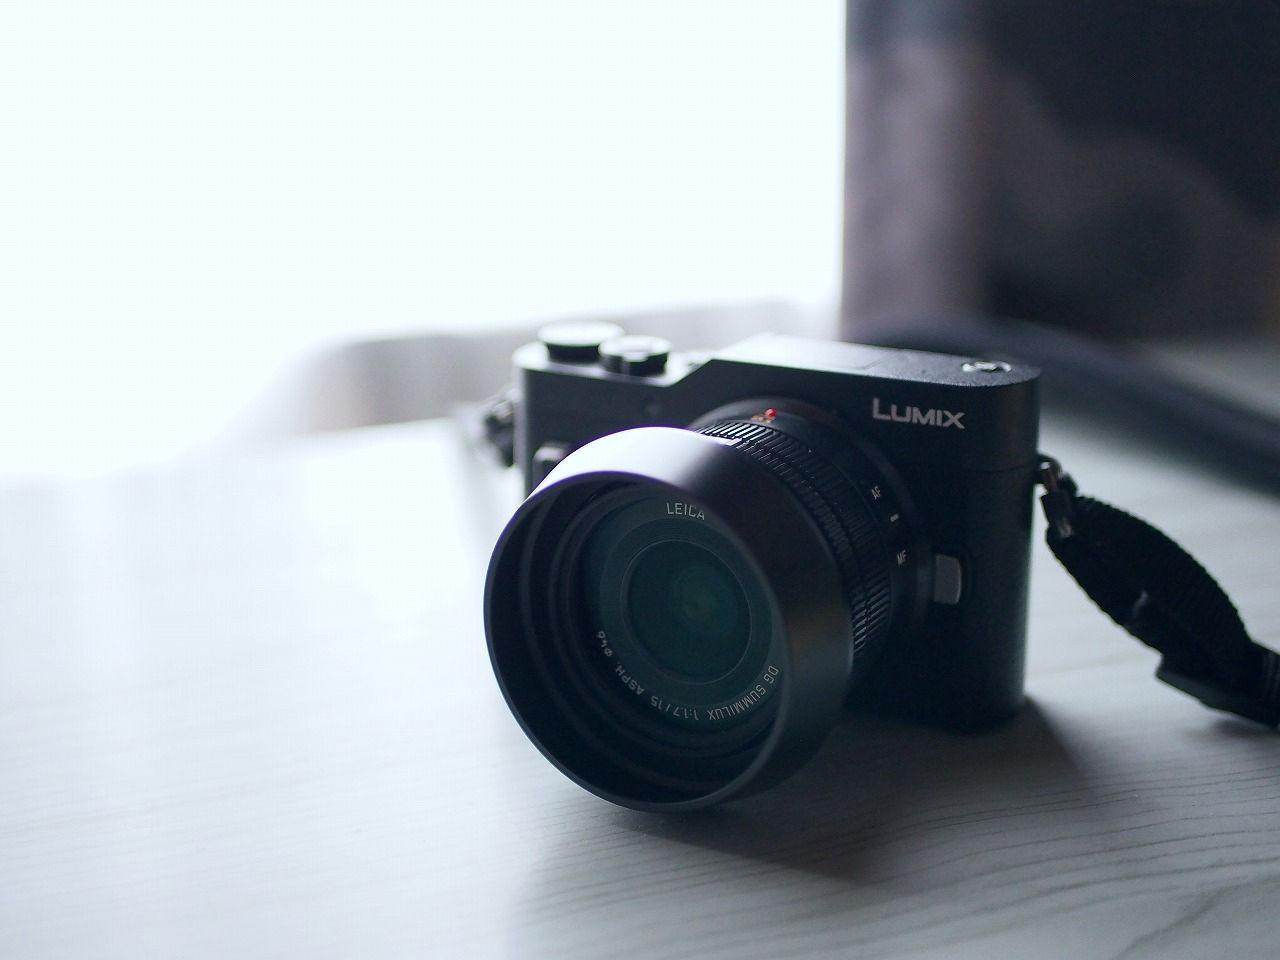 【買ってはいけないミラーレスカメラ?】Panasonic DC-GF10 を購入しました 【レビ